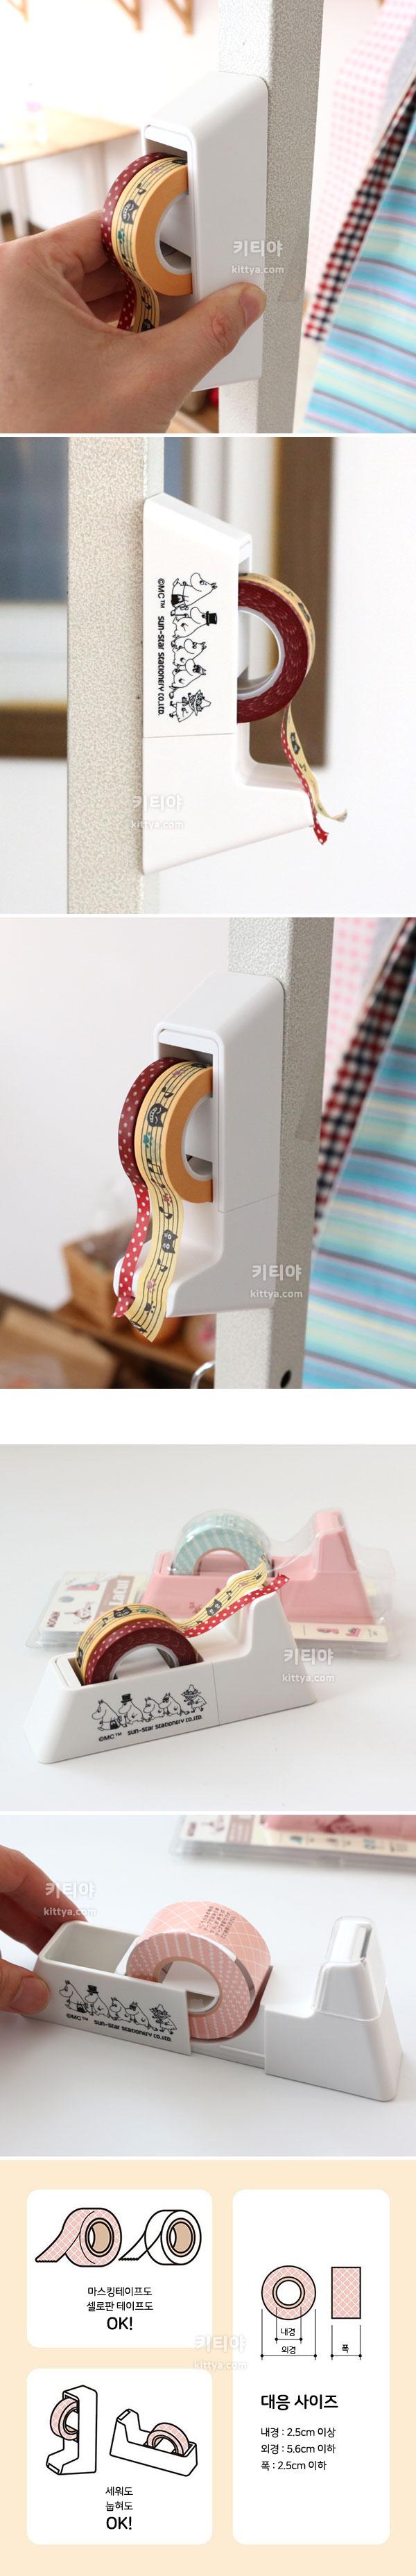 무민 자석 테이프커터 (MU19SS) - 키티야, 26,700원, 테이프, 셀로판 테이프